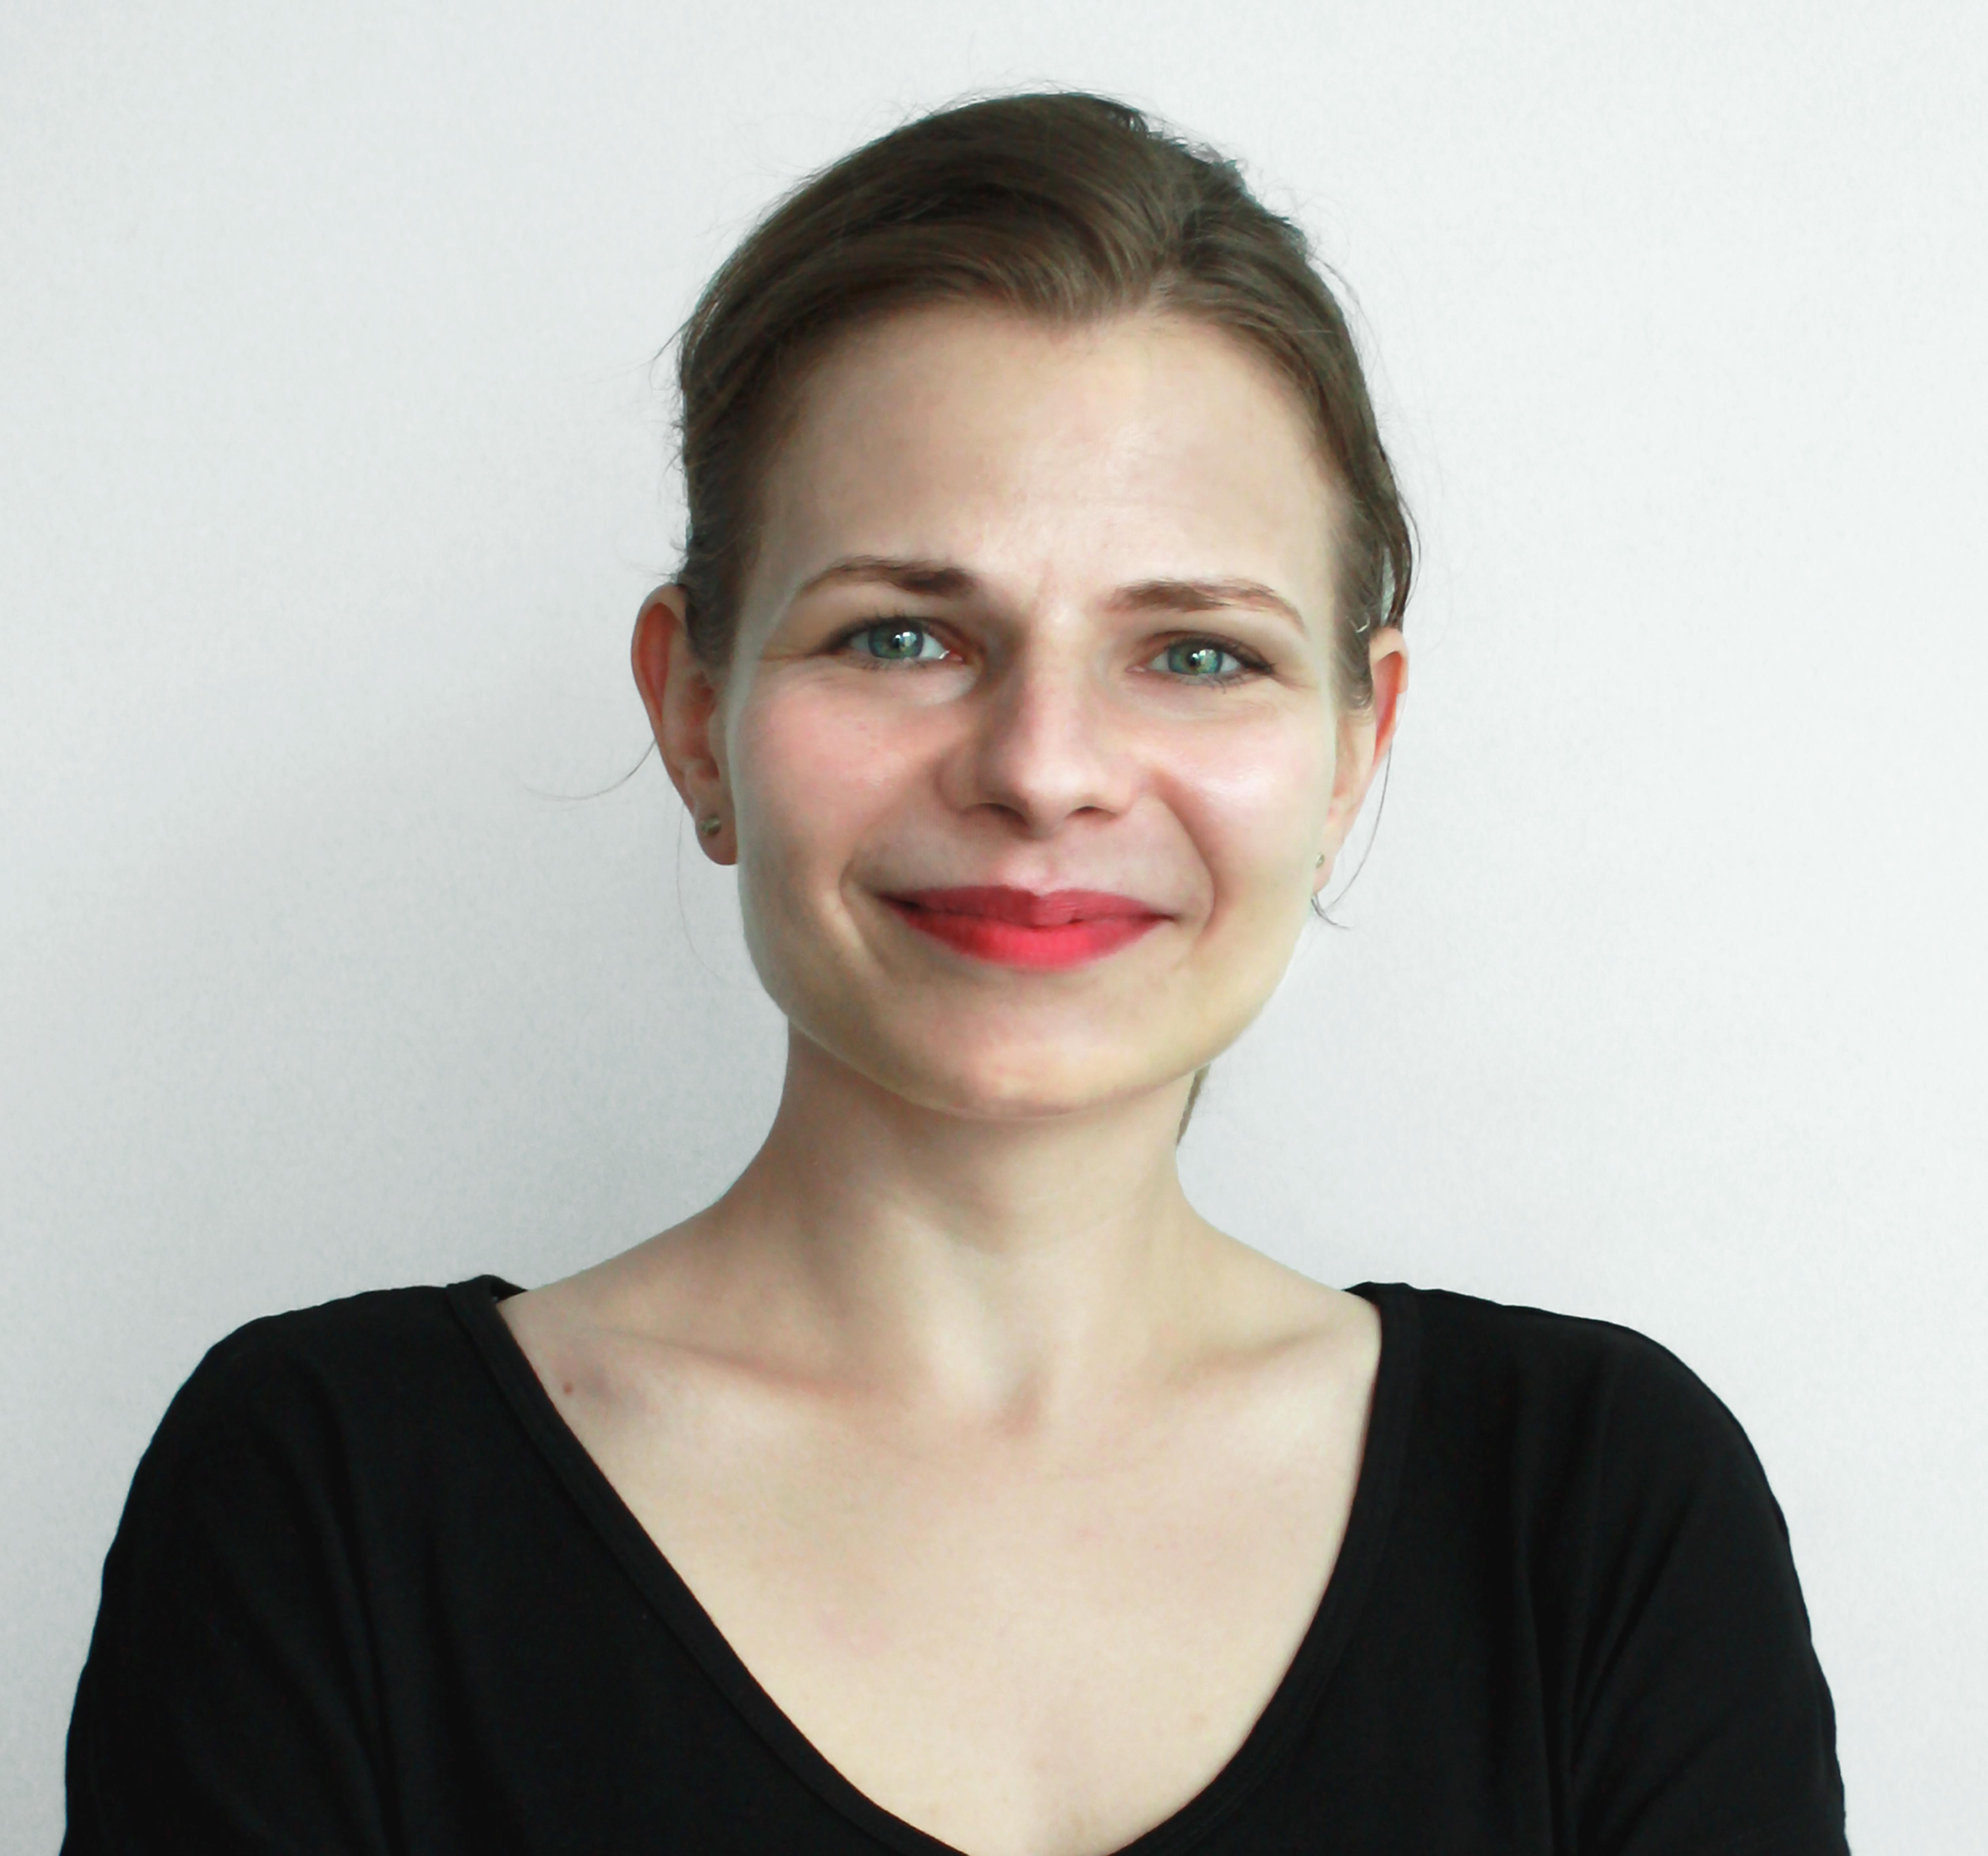 Alicja Wianecka